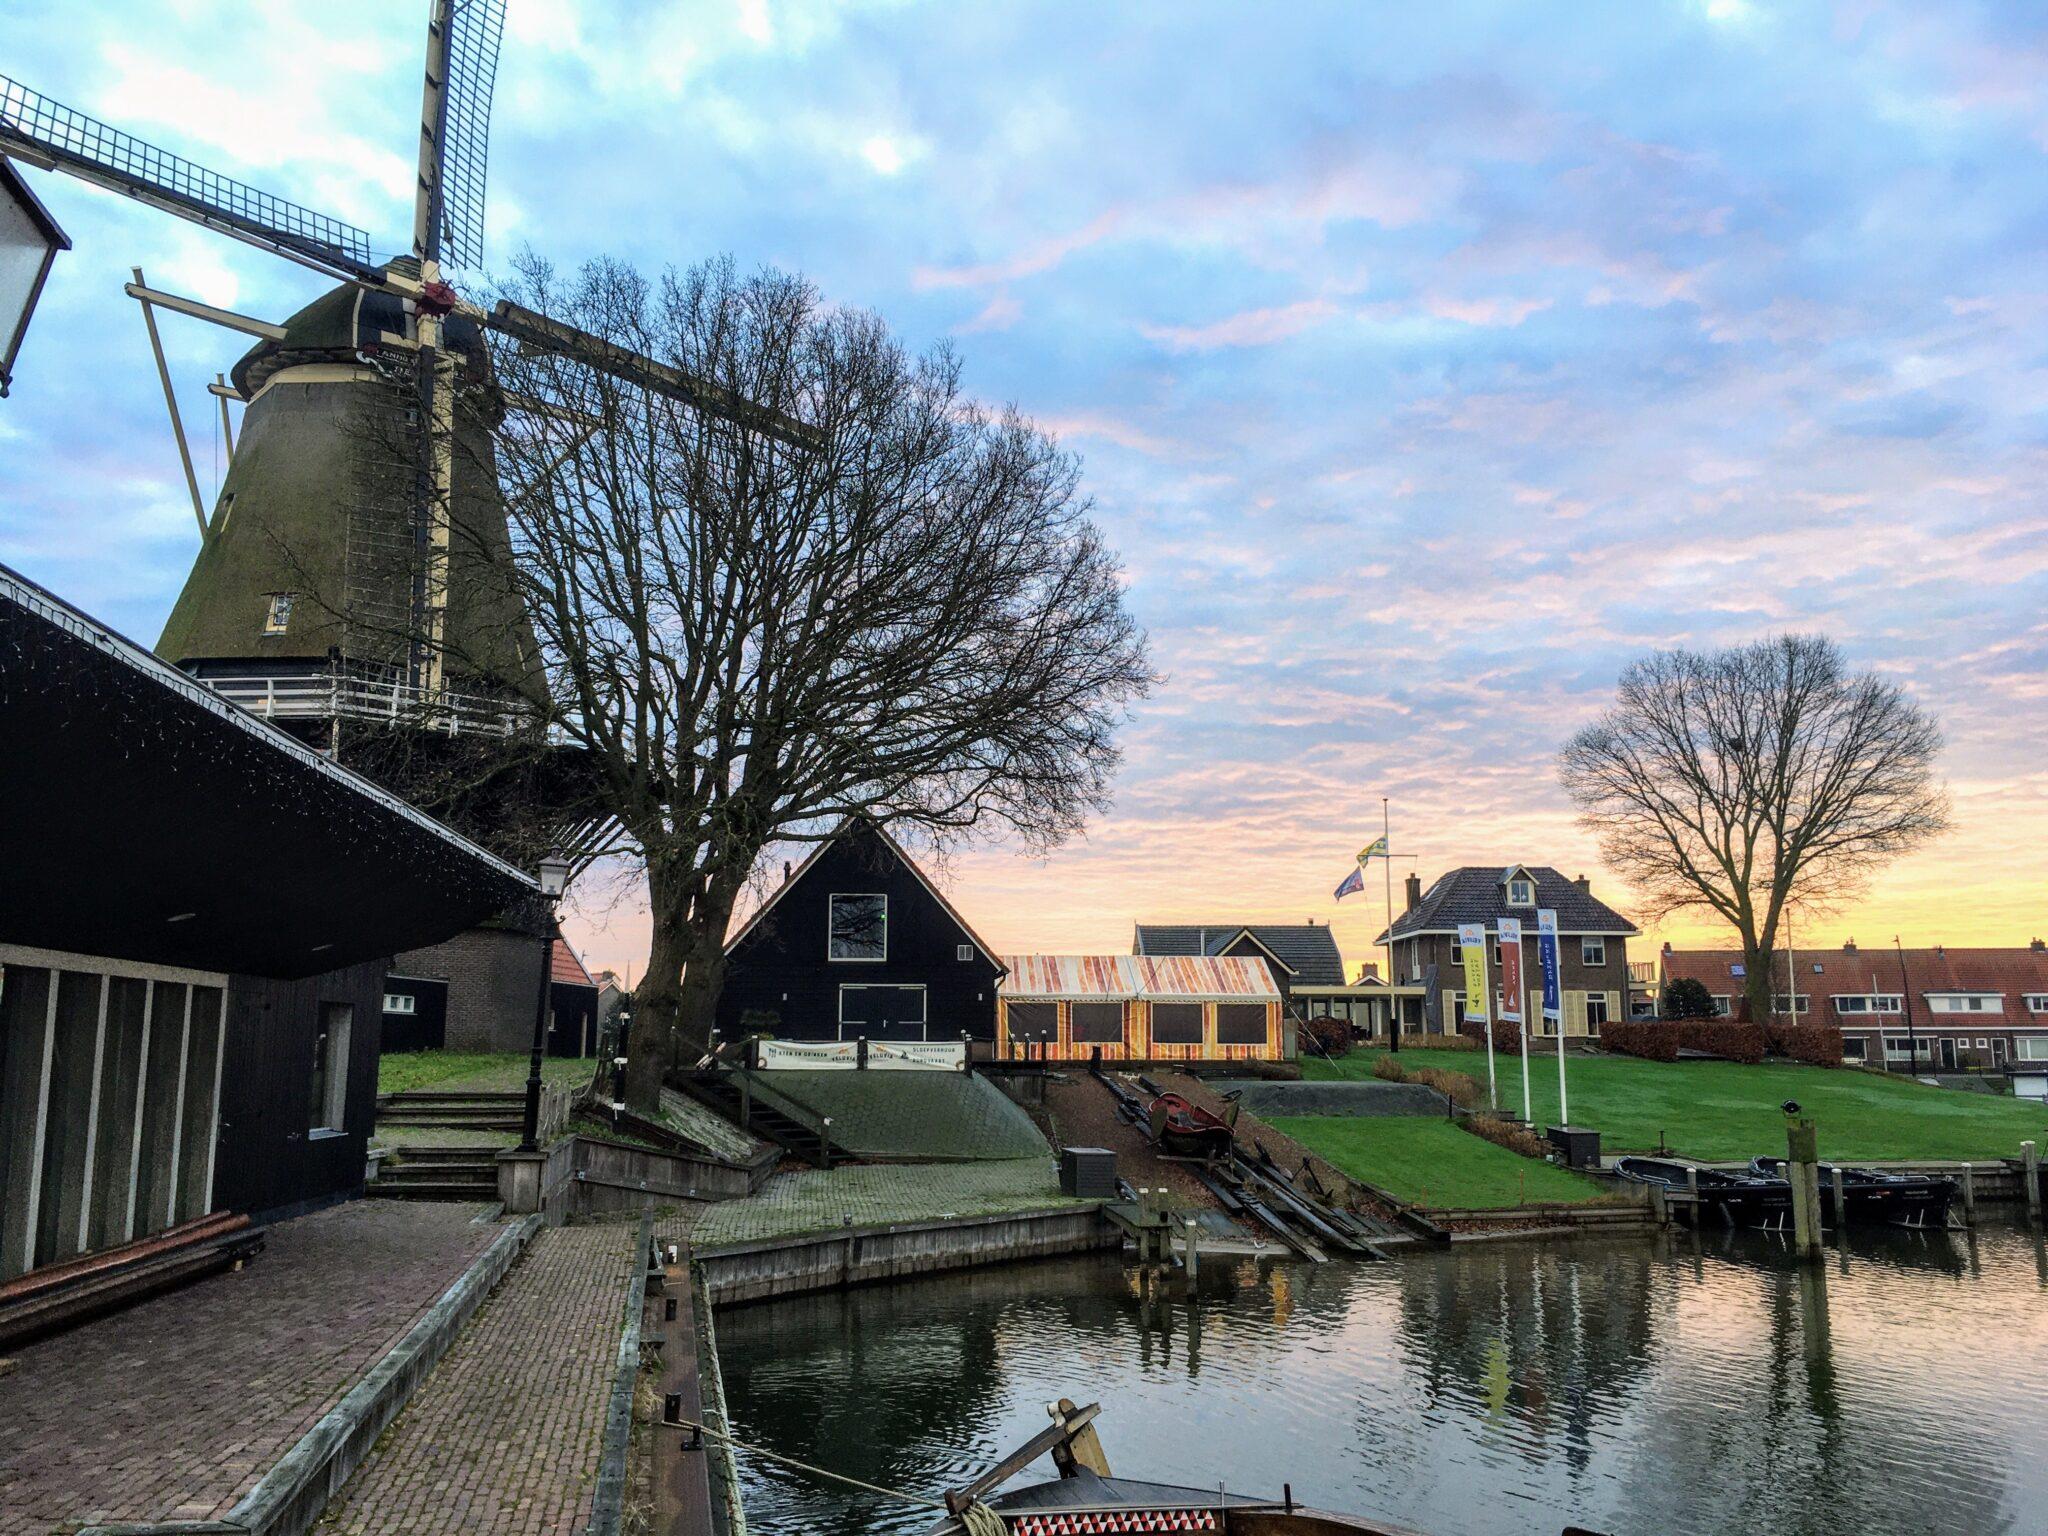 Veluvia en Klein Parijs starten samen Chez Brochars Bij Oost haven concert harderwijk vissershaven